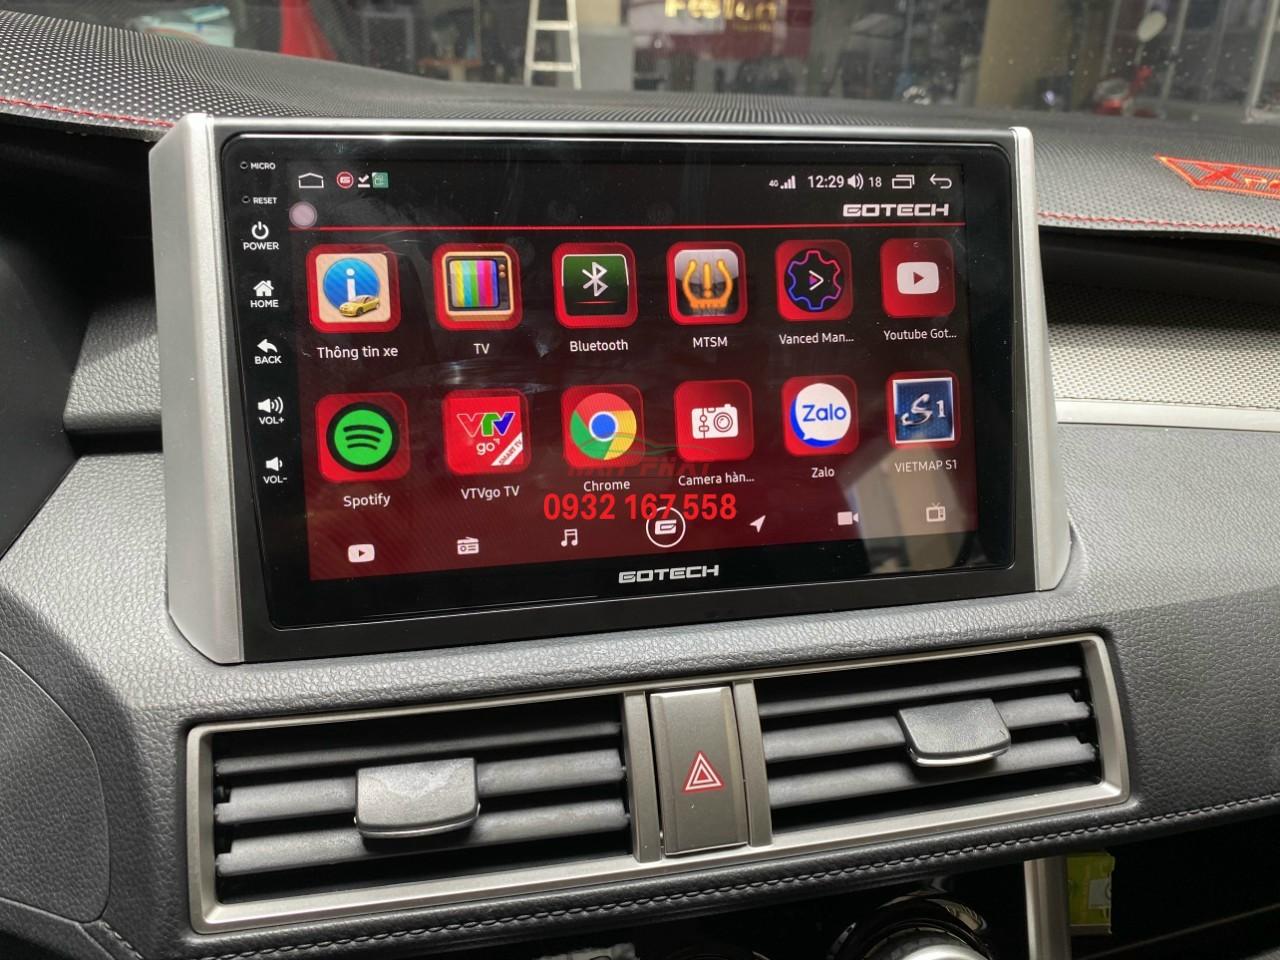 Màn hình Android Gotech tại Quận 1